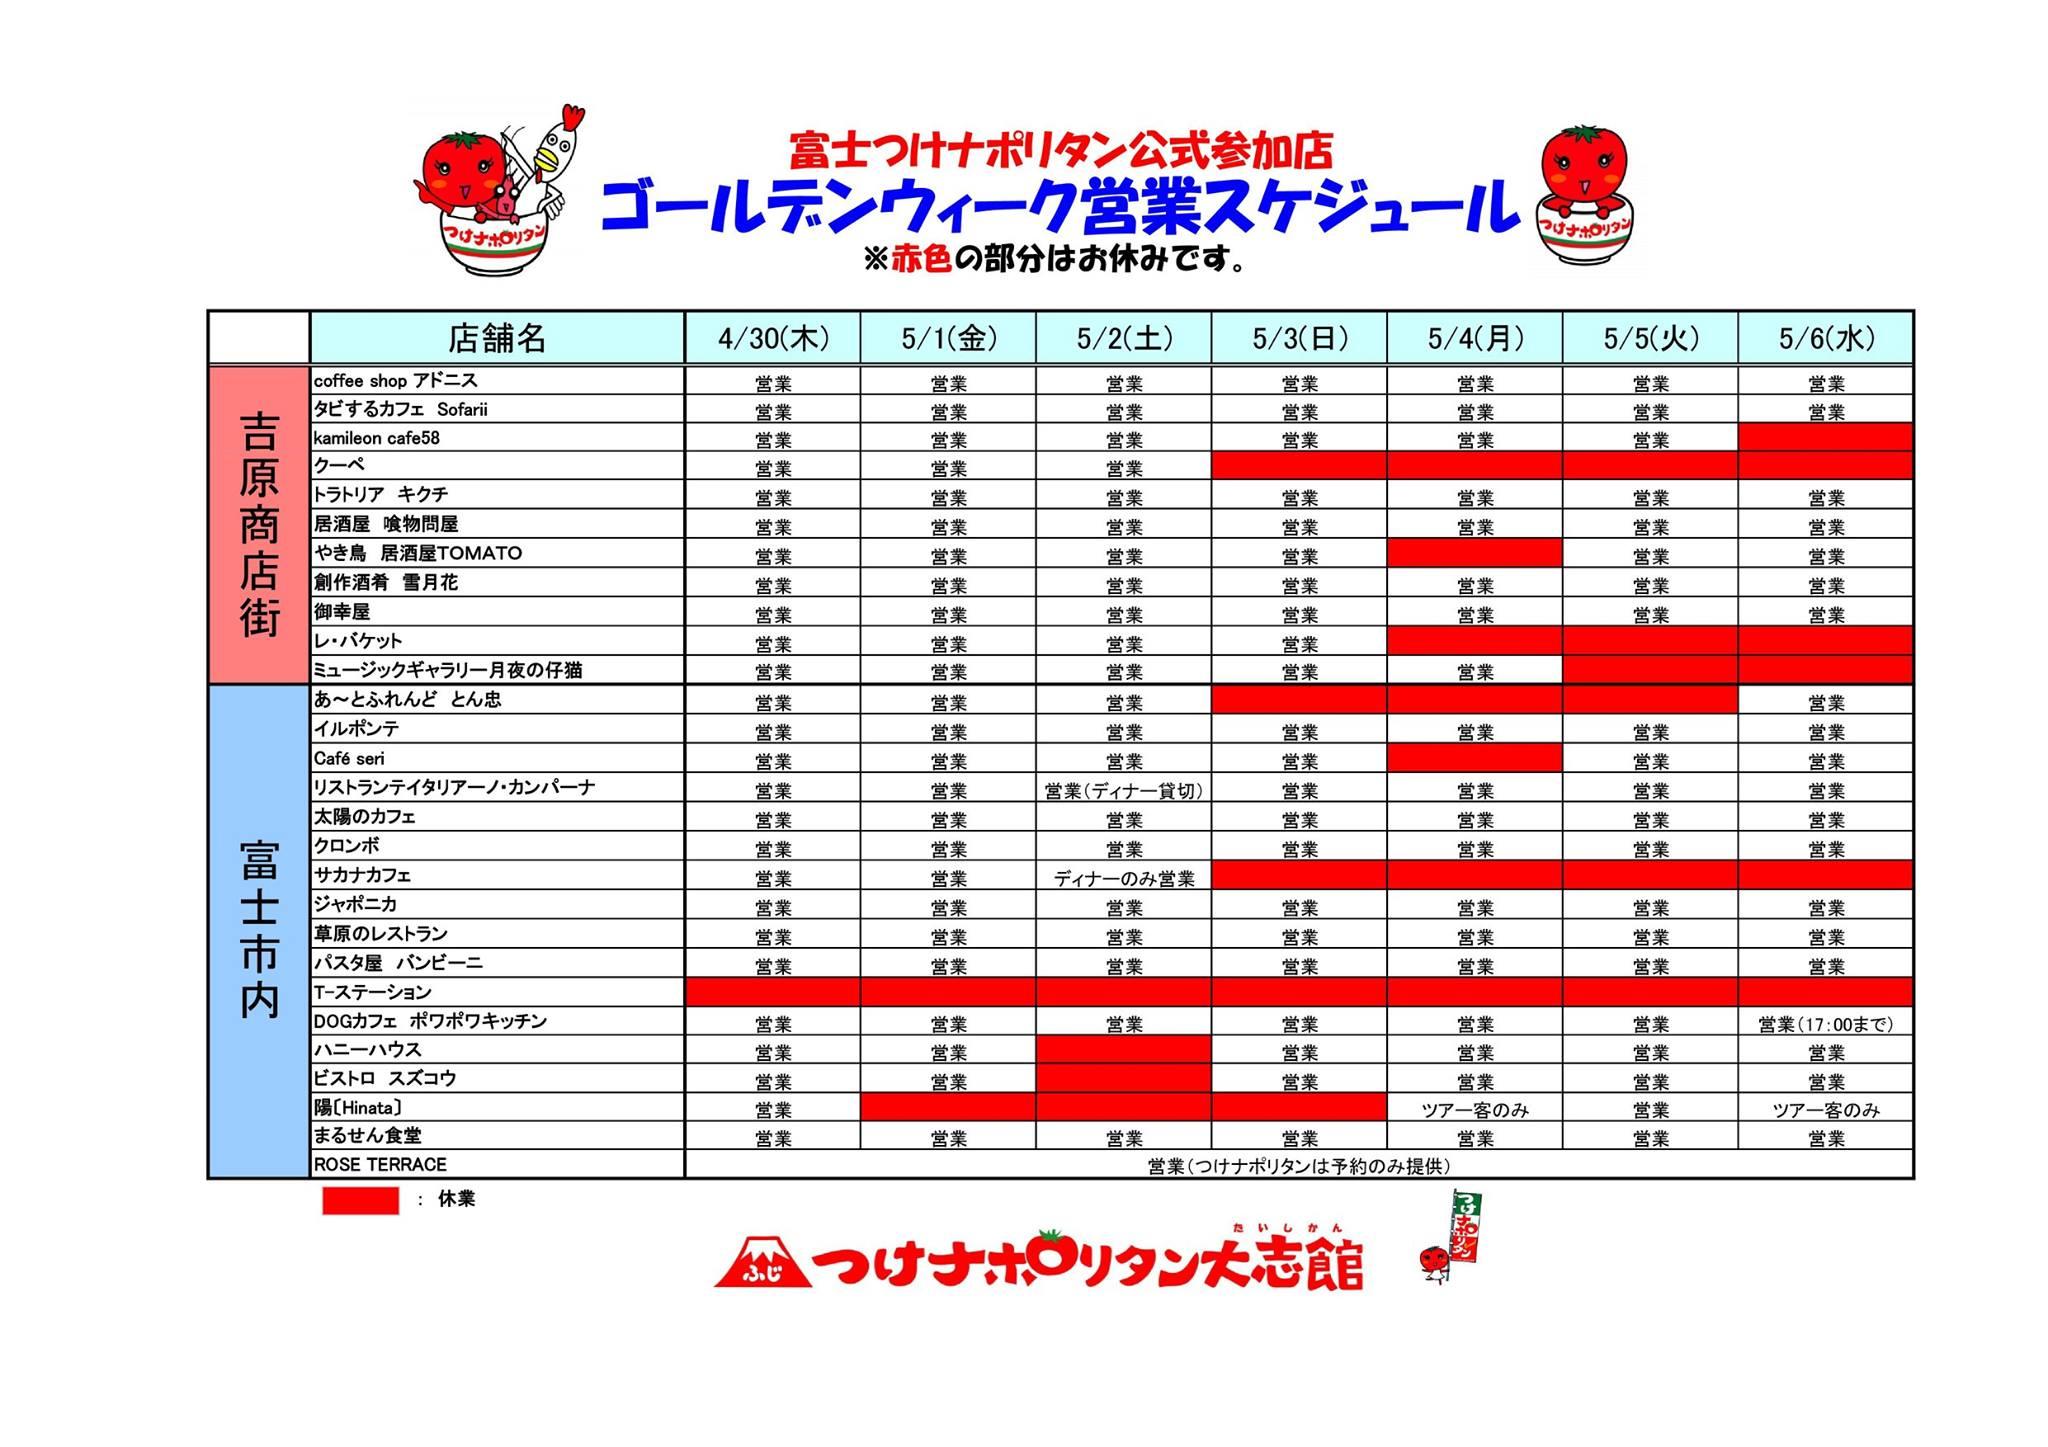 富士つけのポリタン公式加盟店のゴールデンウィーク期間の営業状況_b0093221_1544347.jpg